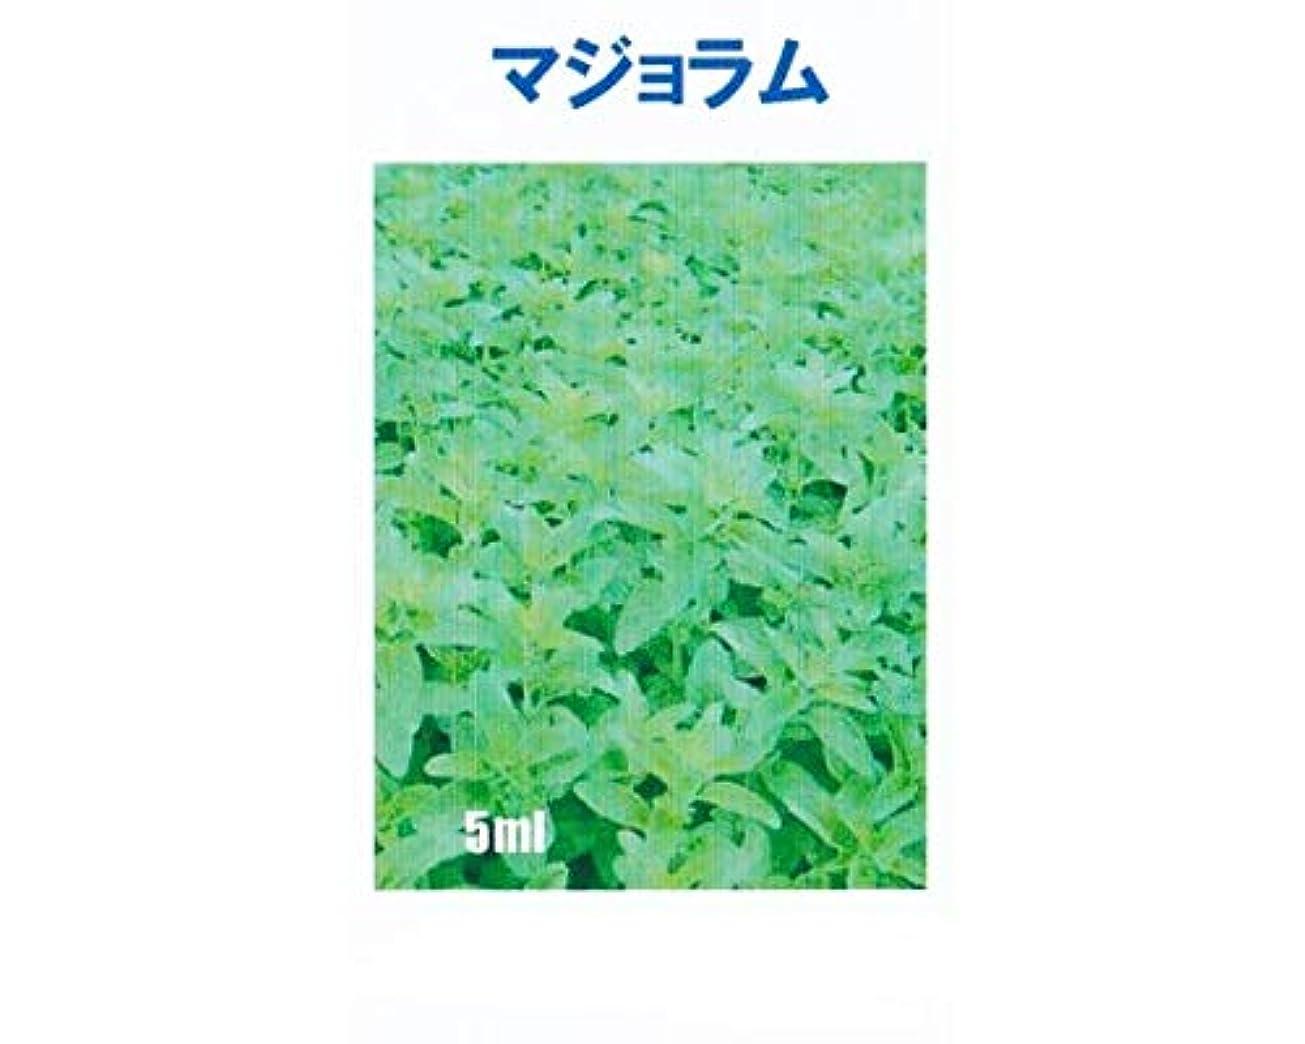 植物学者プールフィードオンアロマオイル マジョラム 5ml エッセンシャルオイル 100%天然成分